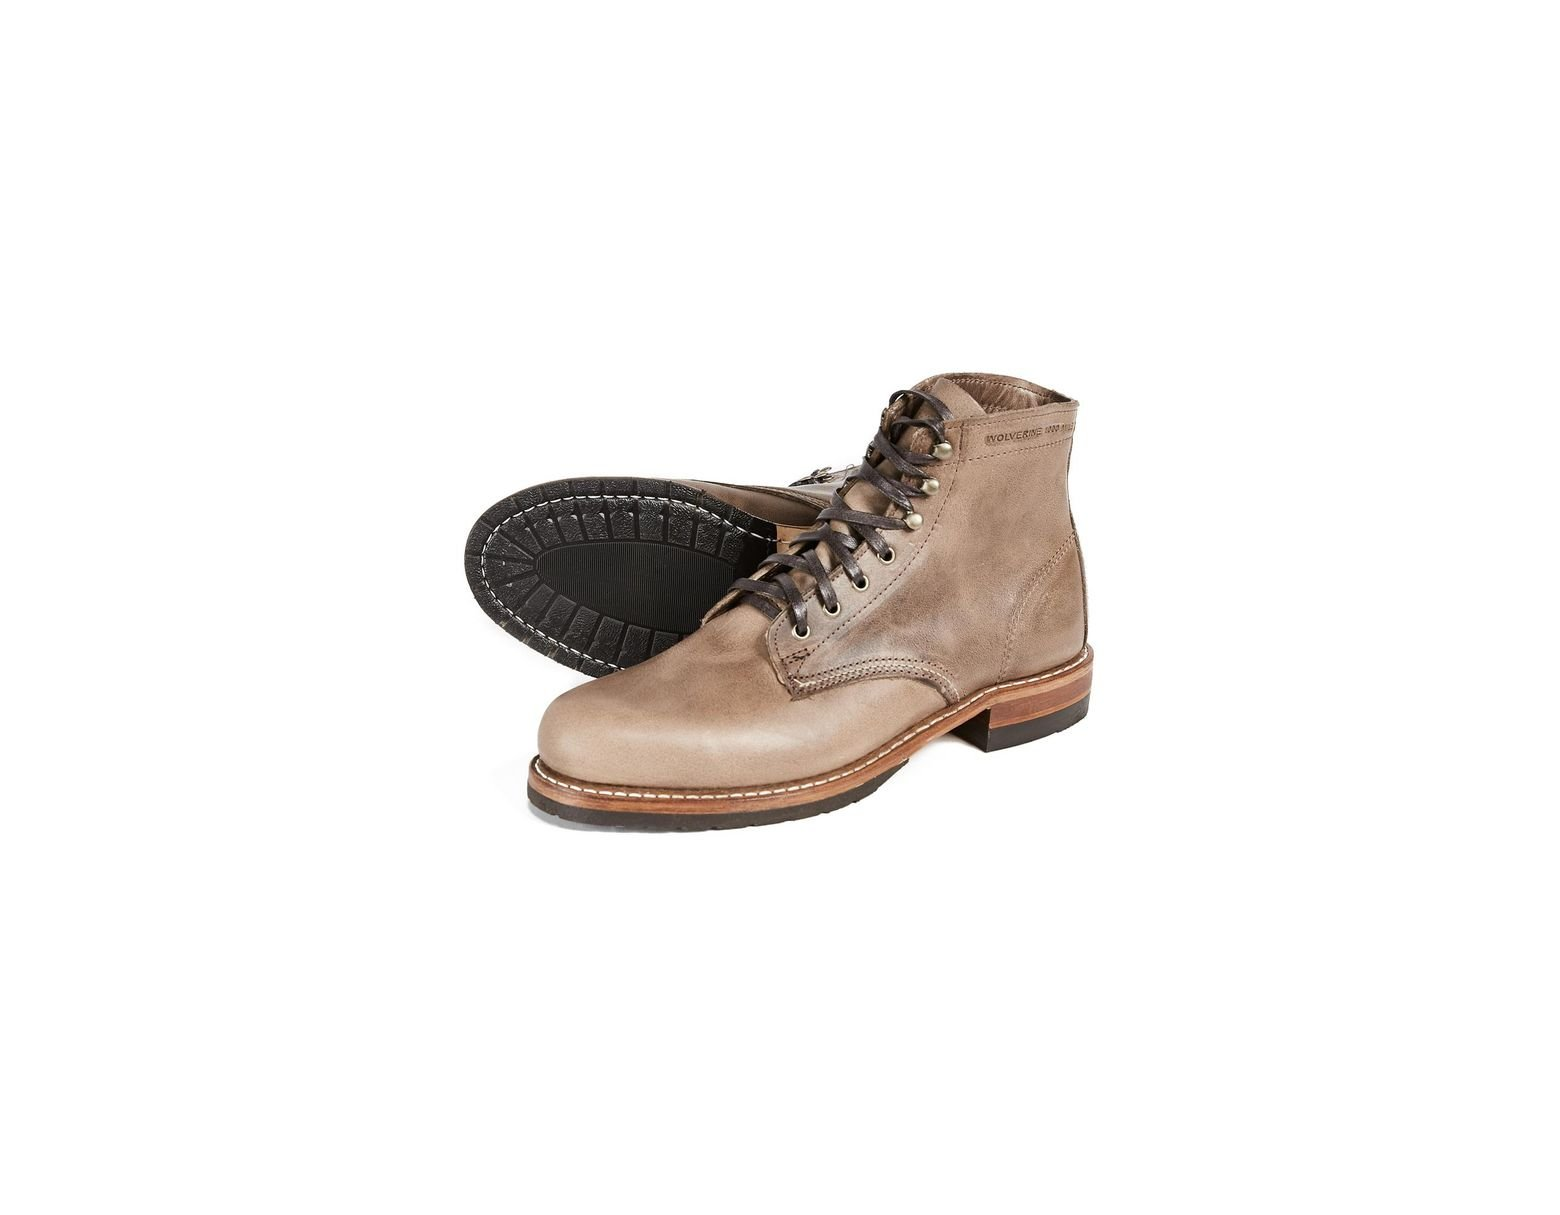 97c1b5bcfe8 Men's Brown Evans Boots